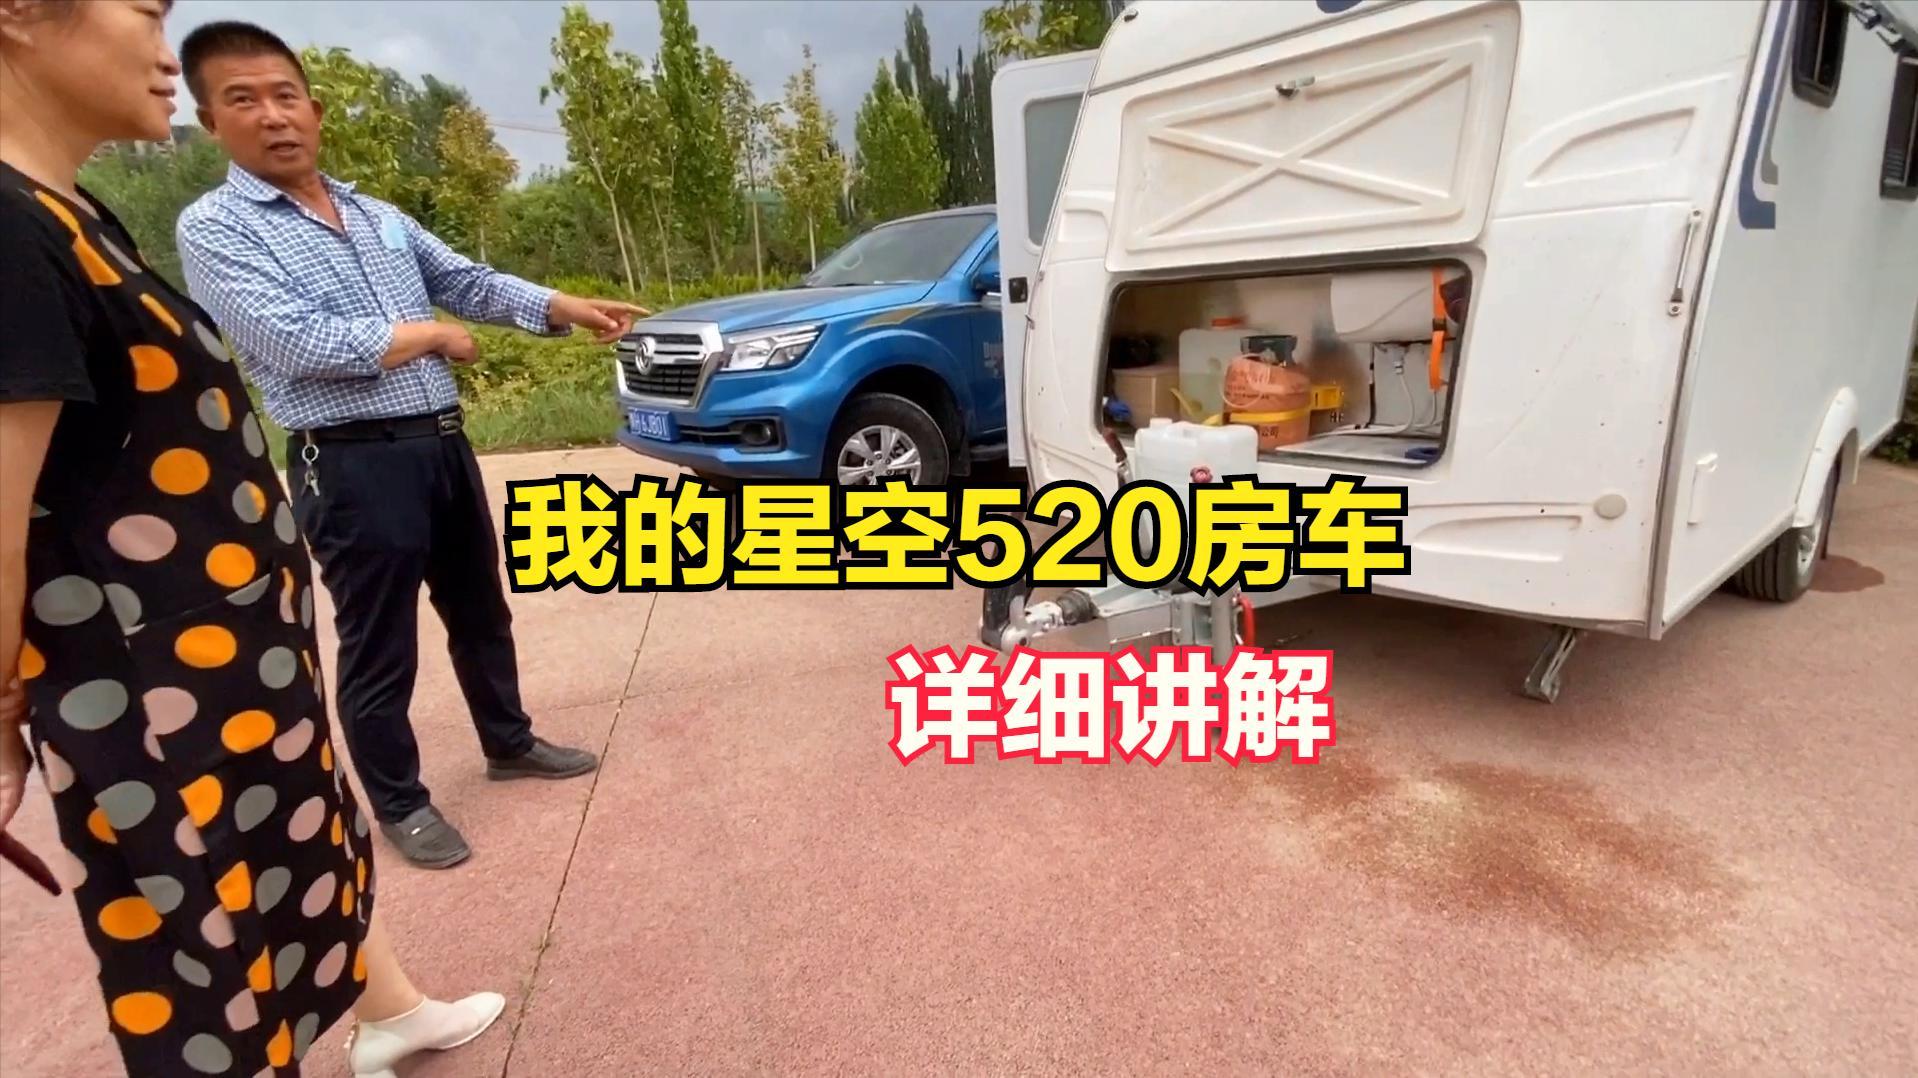 几万元的平民房车,公园里遭围观,认真解析一辆自己造的房车